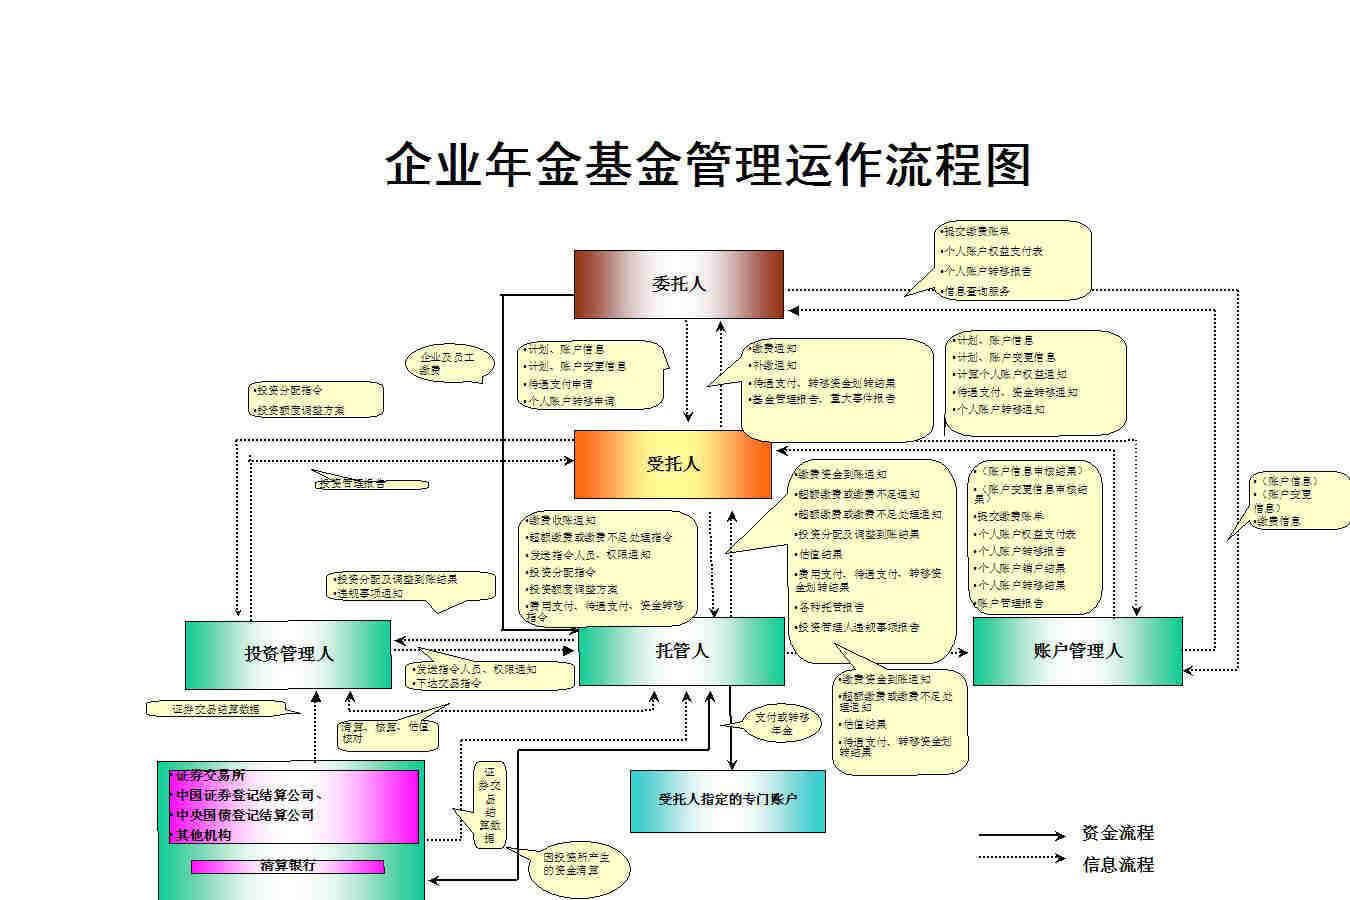 企业年金基金管理运作流程